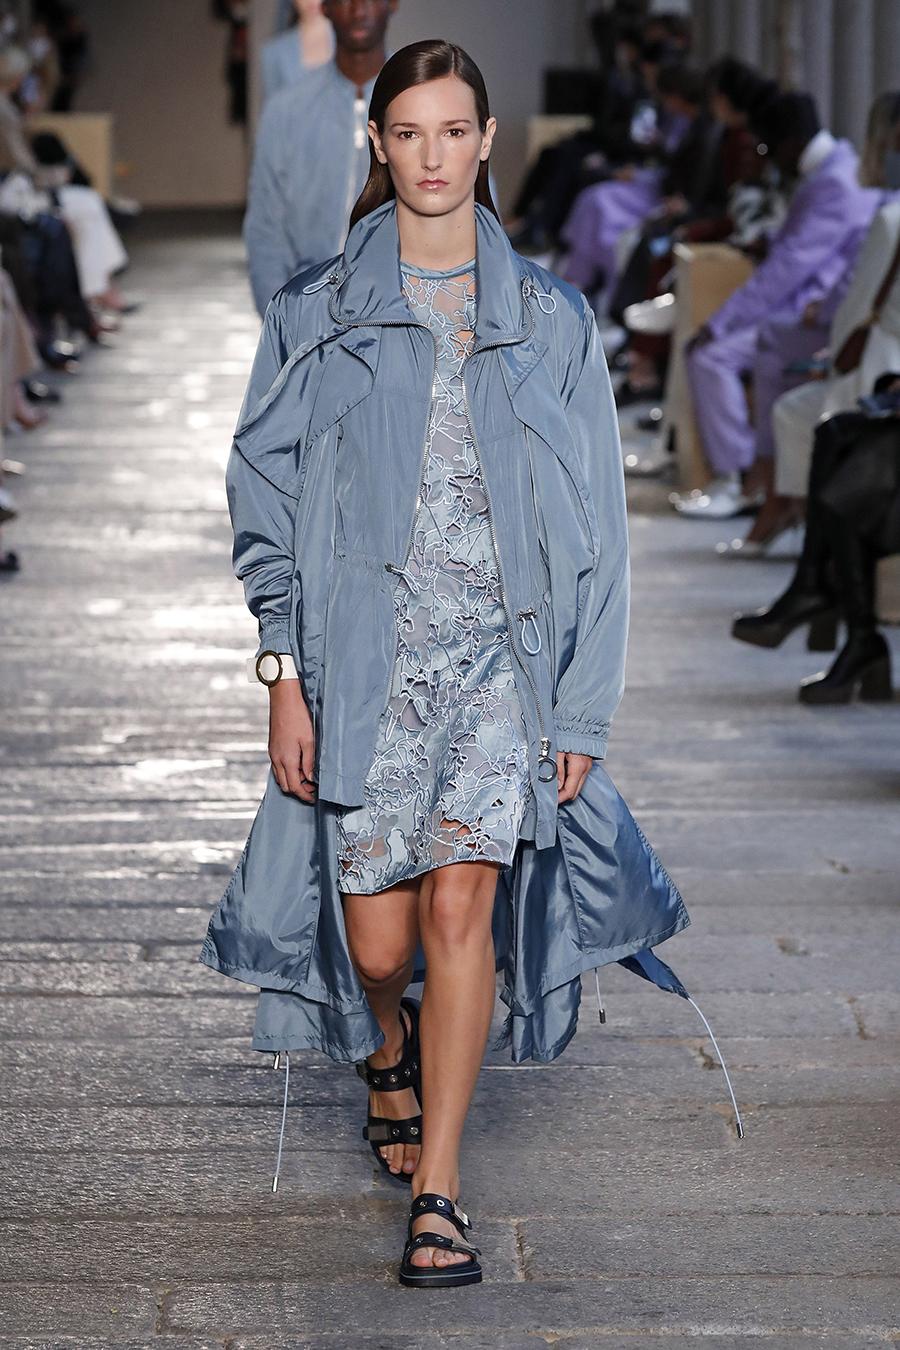 модный тренч весна 2021 длинный миди спортивный голубой синий лавандовый на молнии с накладными карманами